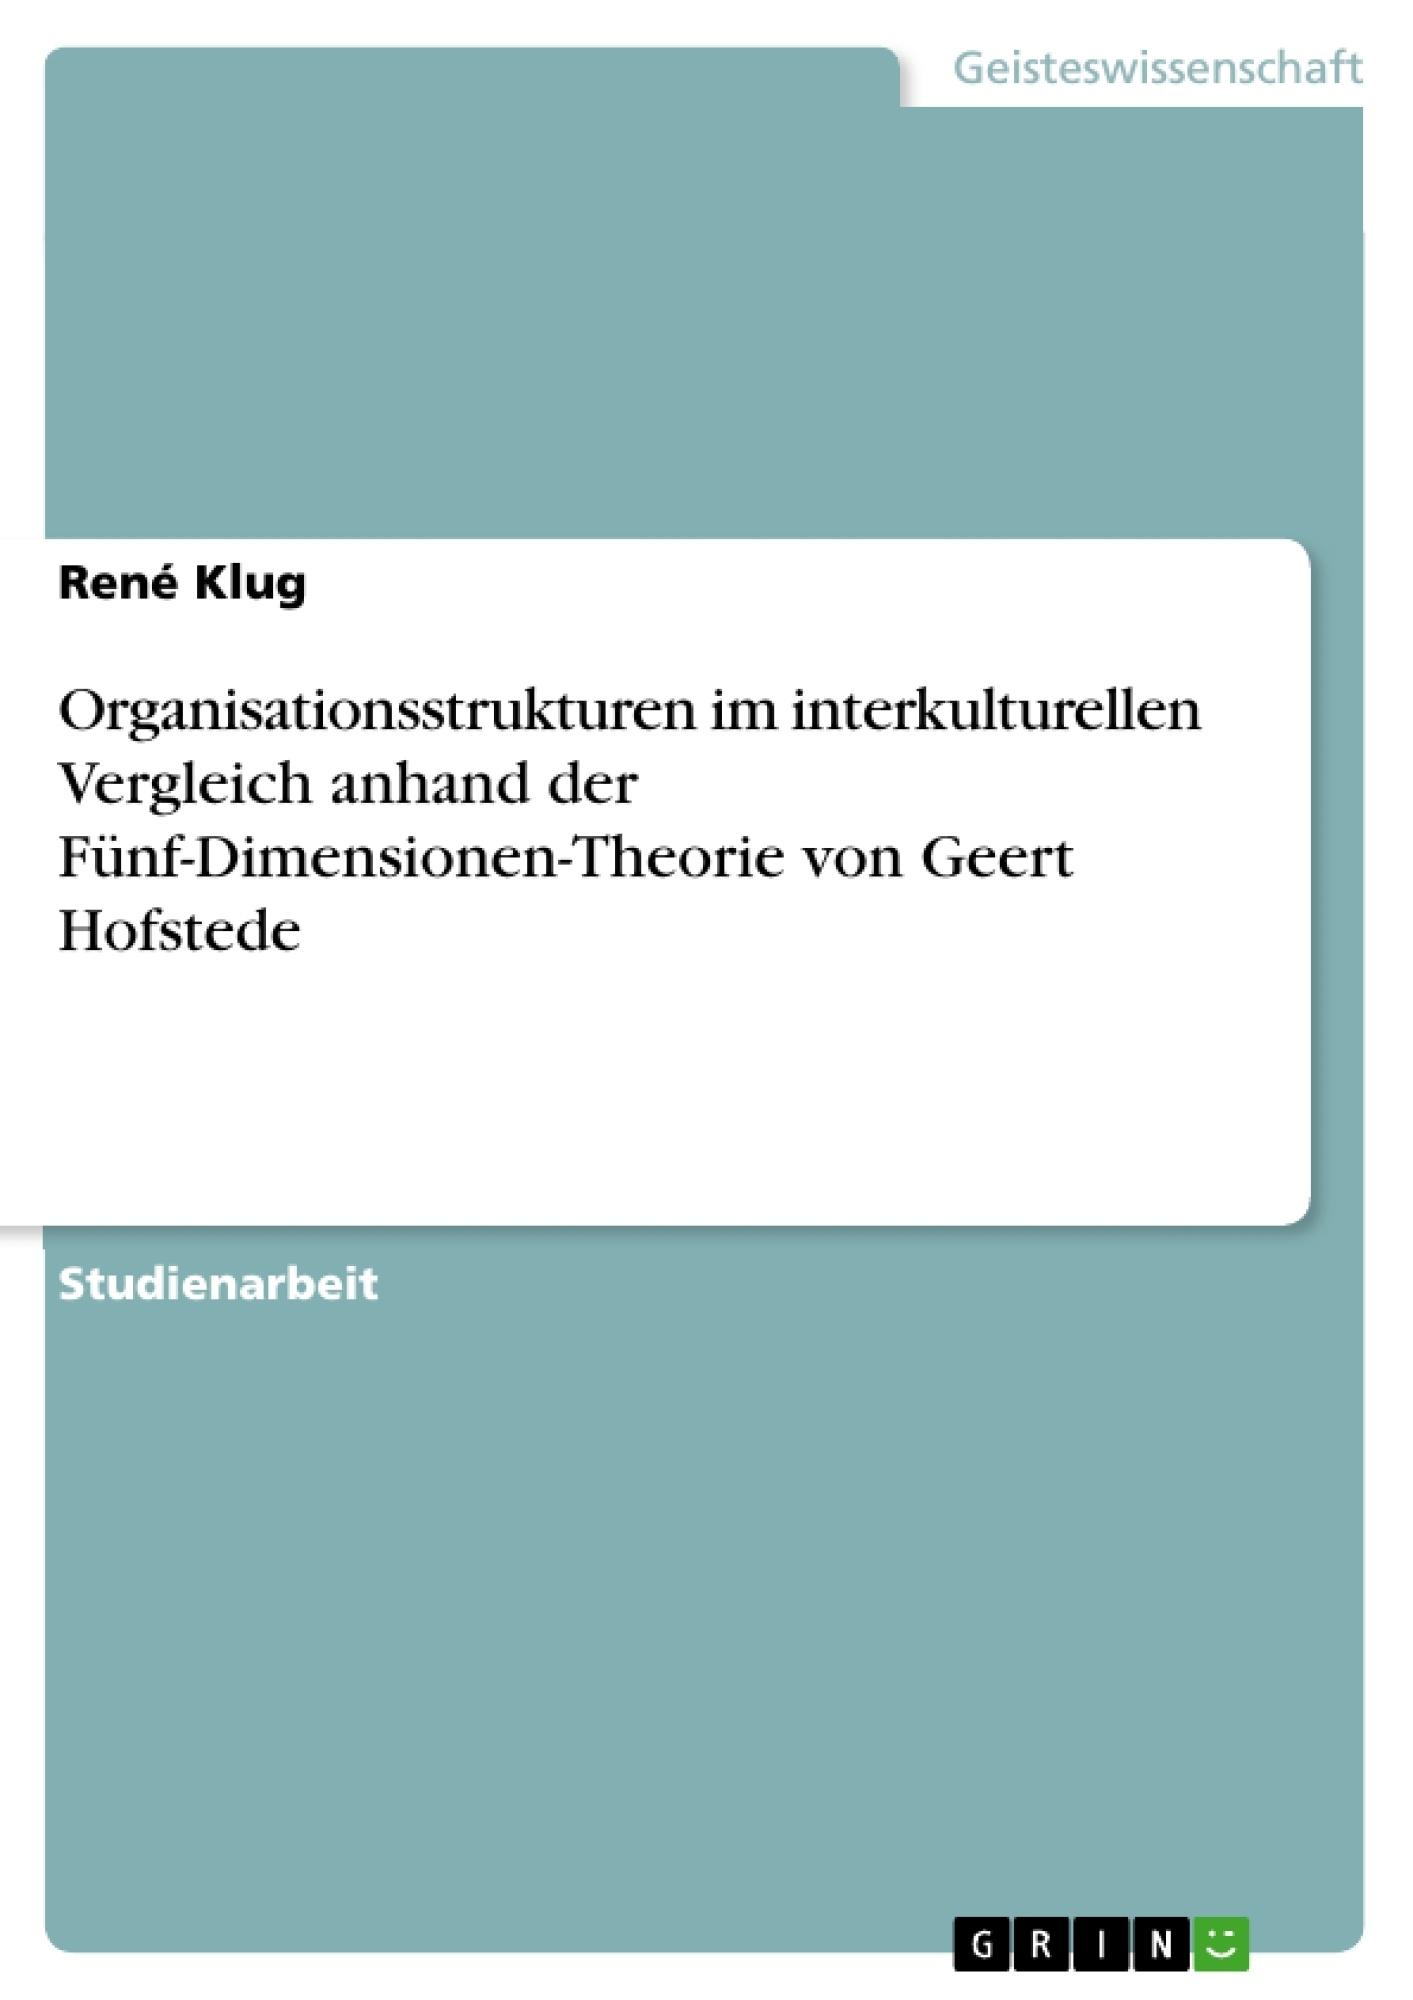 Titel: Organisationsstrukturen im interkulturellen Vergleich anhand der Fünf-Dimensionen-Theorie von Geert Hofstede